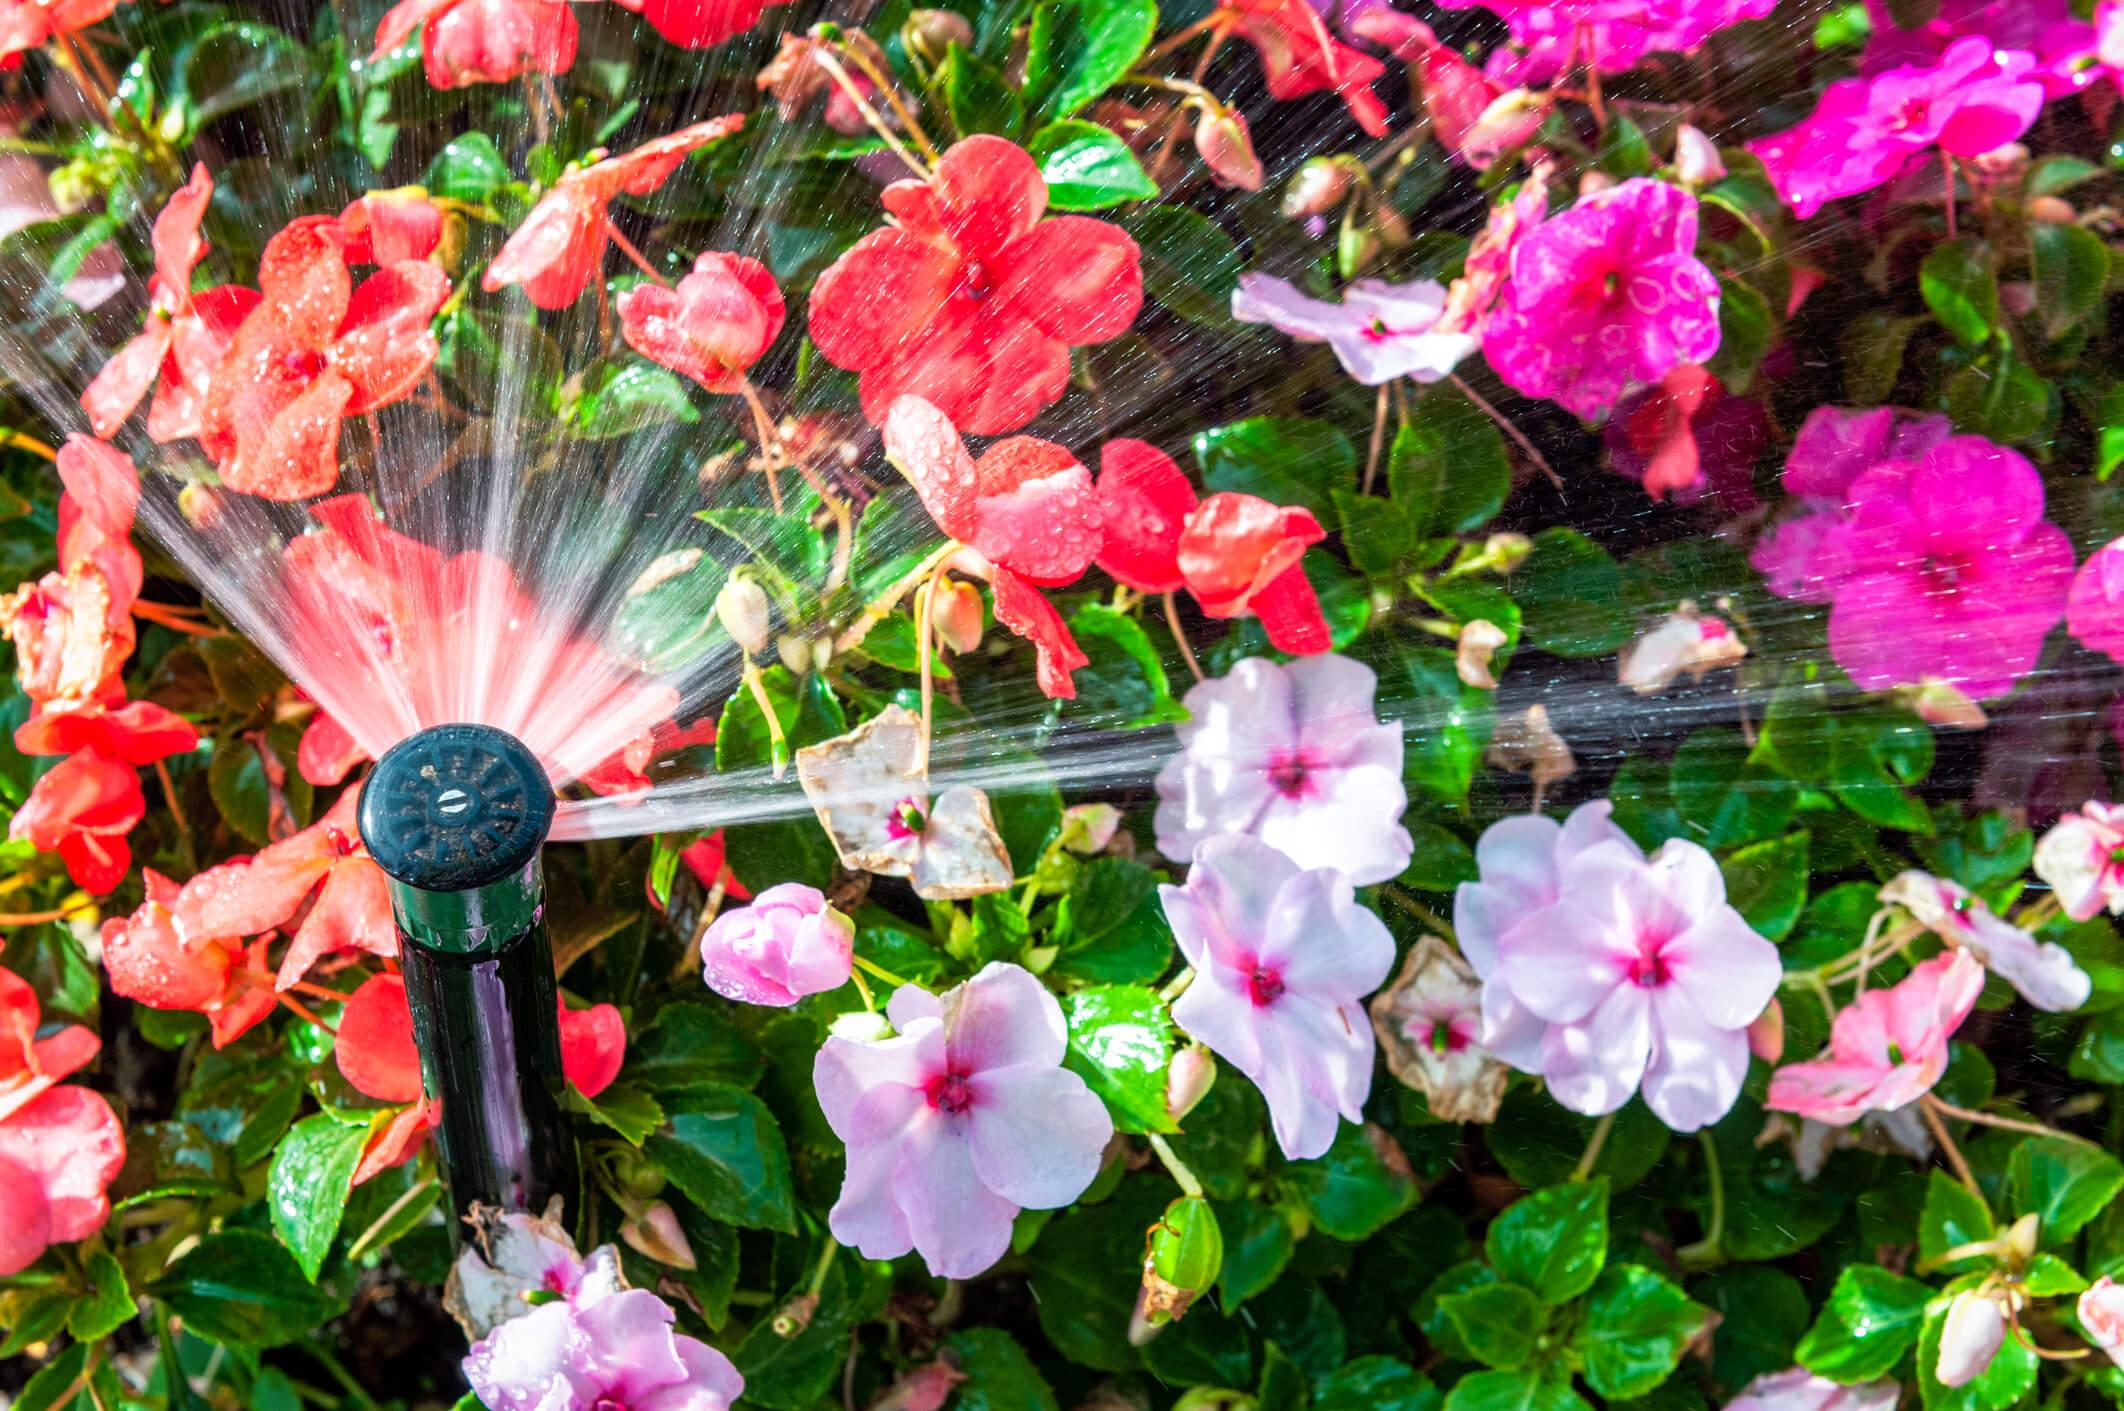 sprinkler watering flowers